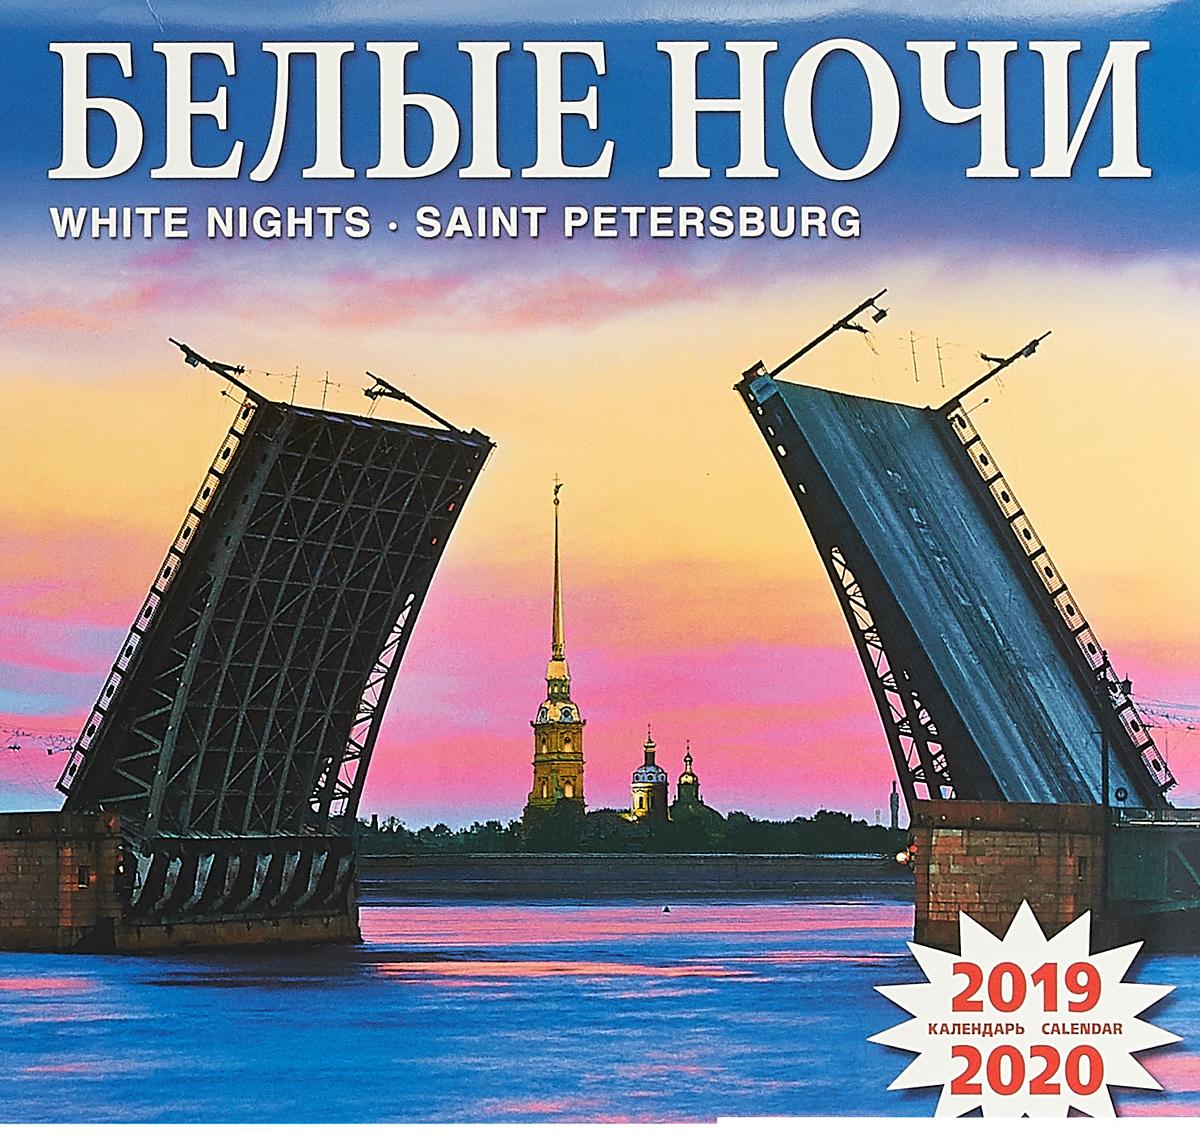 Календарь на скрепке на 2019-2020 год.Белые ночи3297391Календарь на два года! Прекрасно иллюстрированный календарь, напечатанный на мелованной бумаге, украсит интерьер любого помещения и наполнит его светом удивительных фотоиллюстраций.